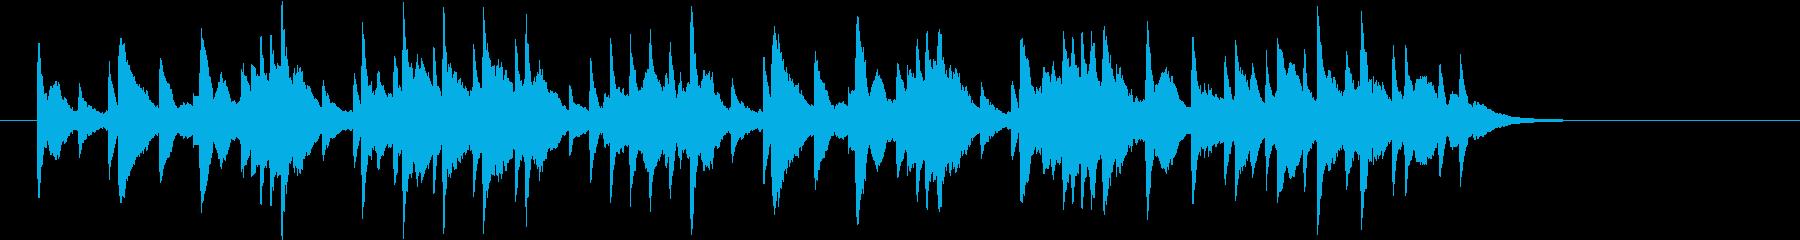 交響曲「時計」 オルゴール クラシックの再生済みの波形